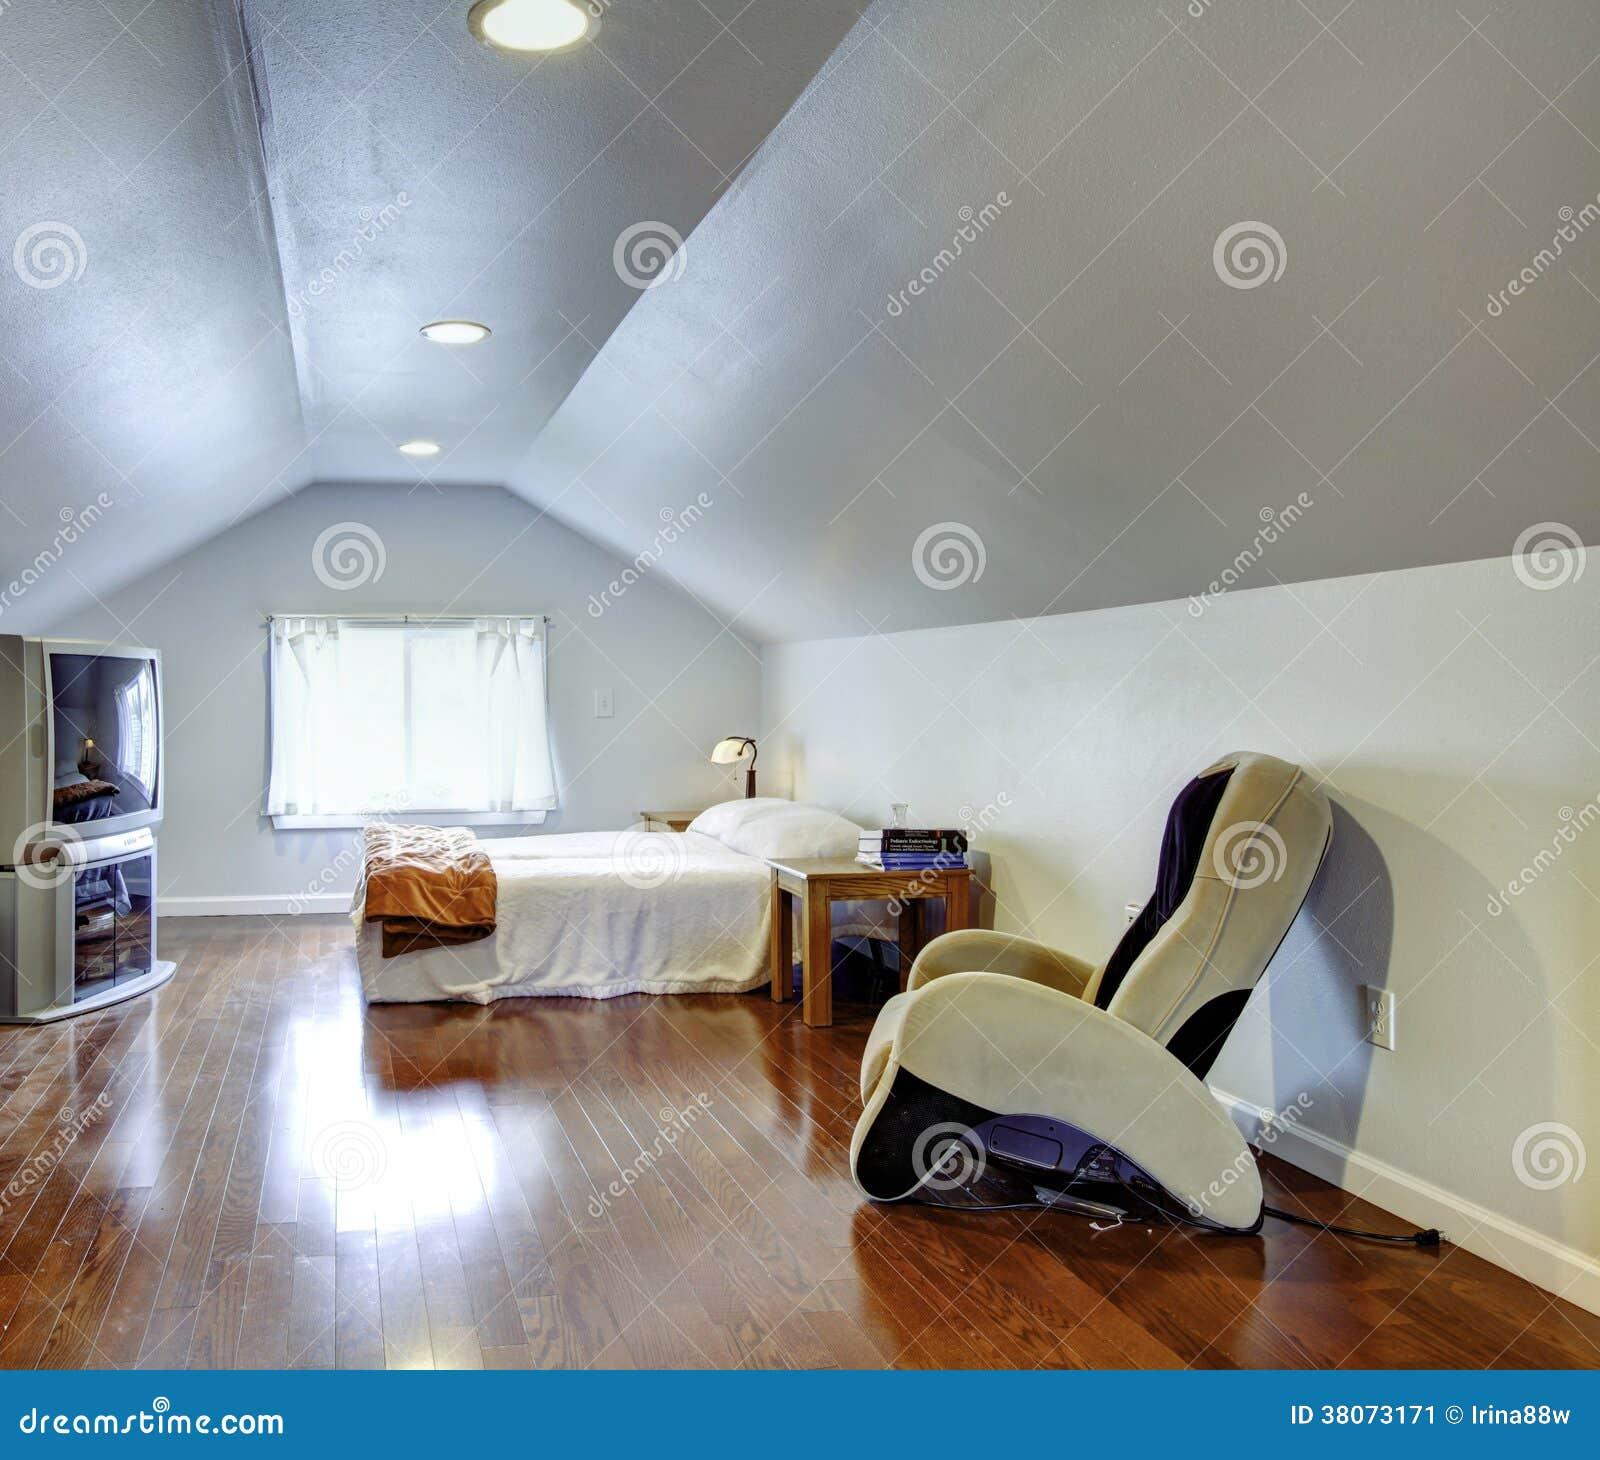 Idea di interior design per la camera da letto del - Sedia camera da letto ...